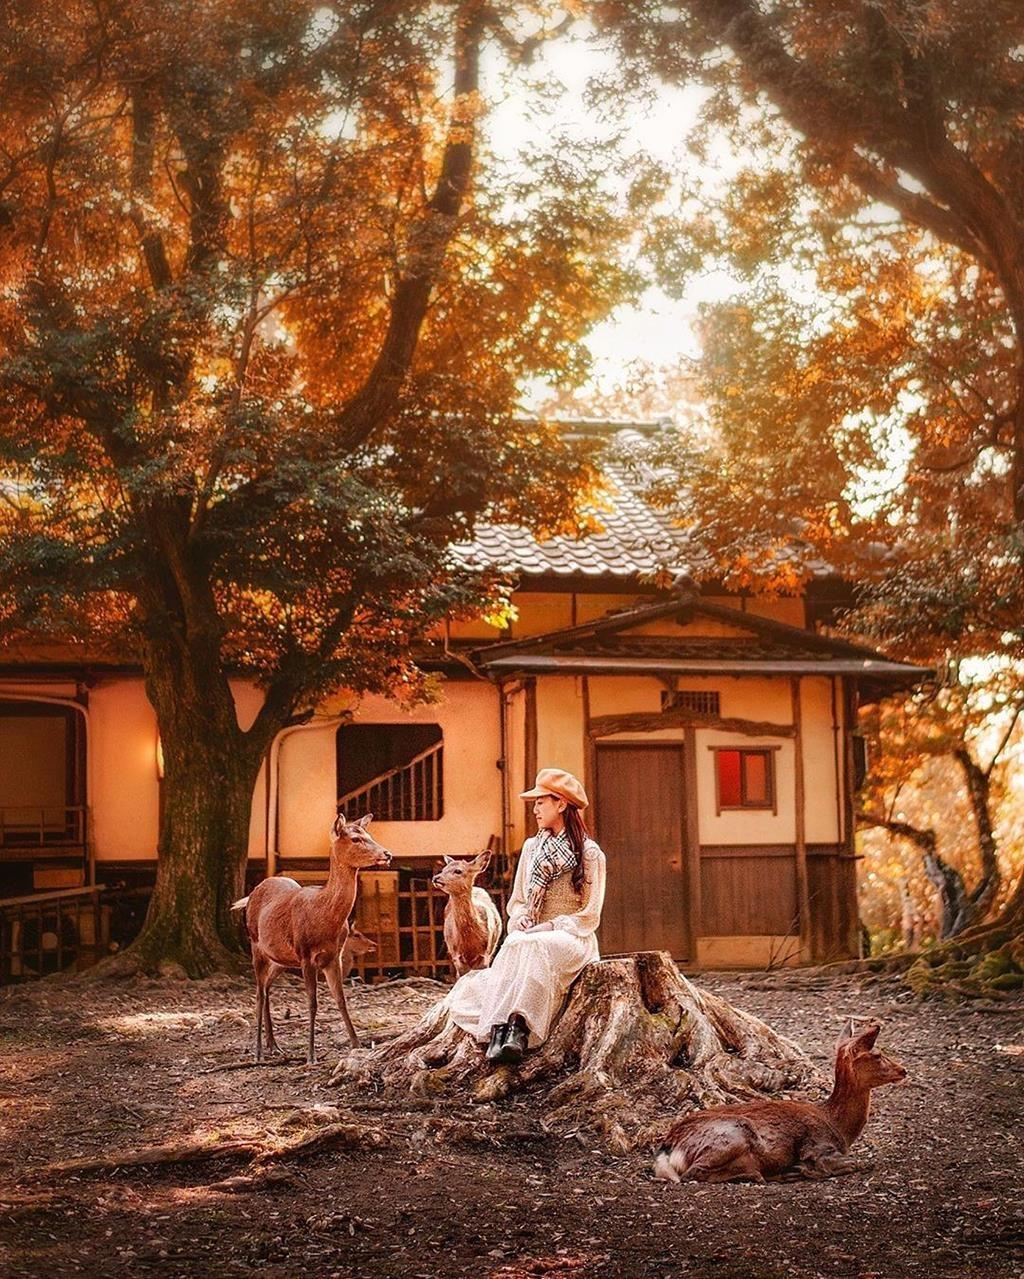 Không gian bên trong Công viên Nara thật bình yên và lãng mạn